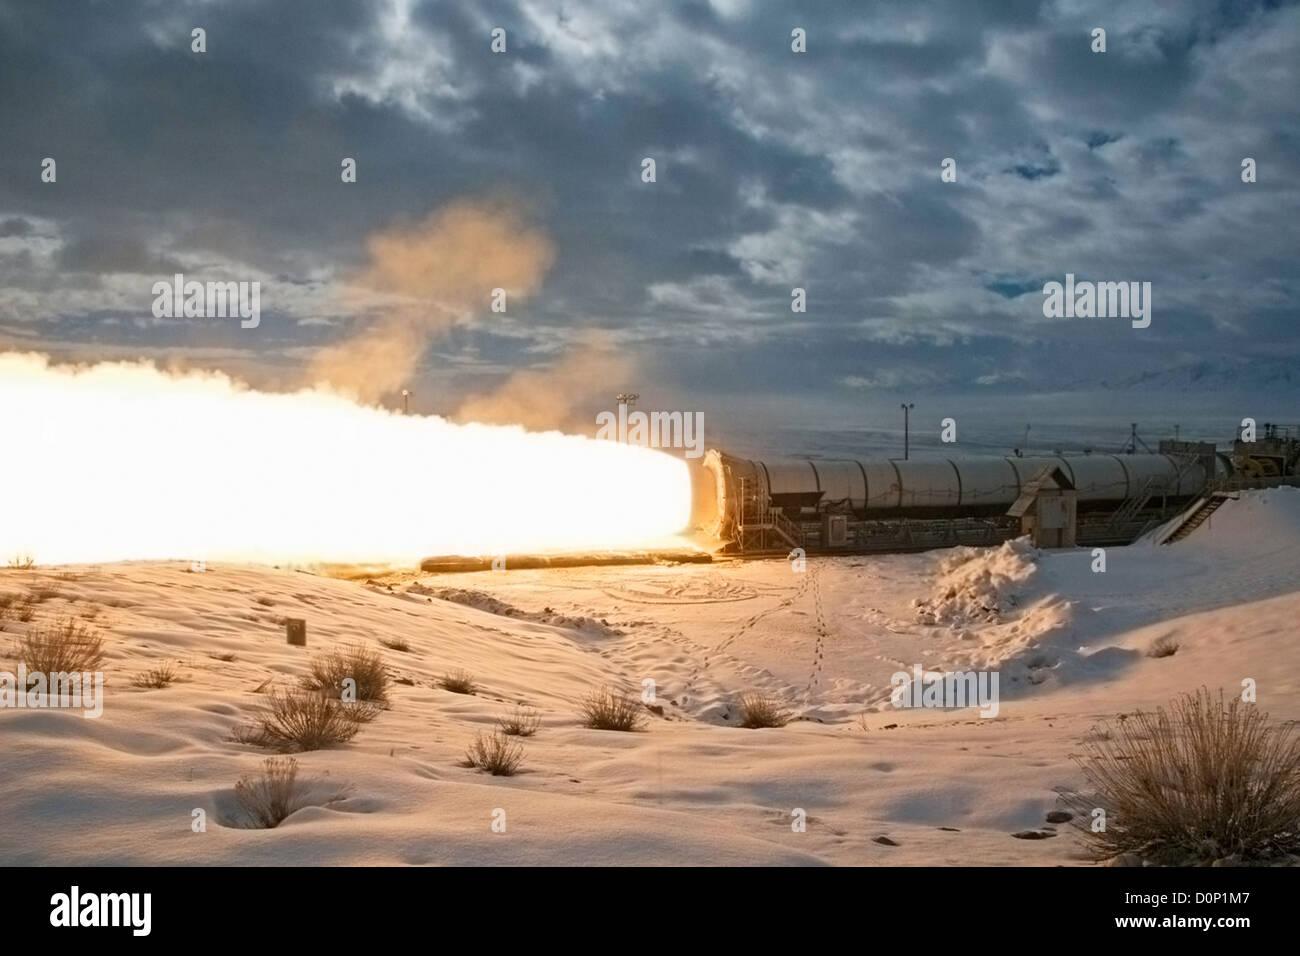 Abschlusstest Abfeuern eines wiederverwendbaren Solid Rocket Motors Stockbild